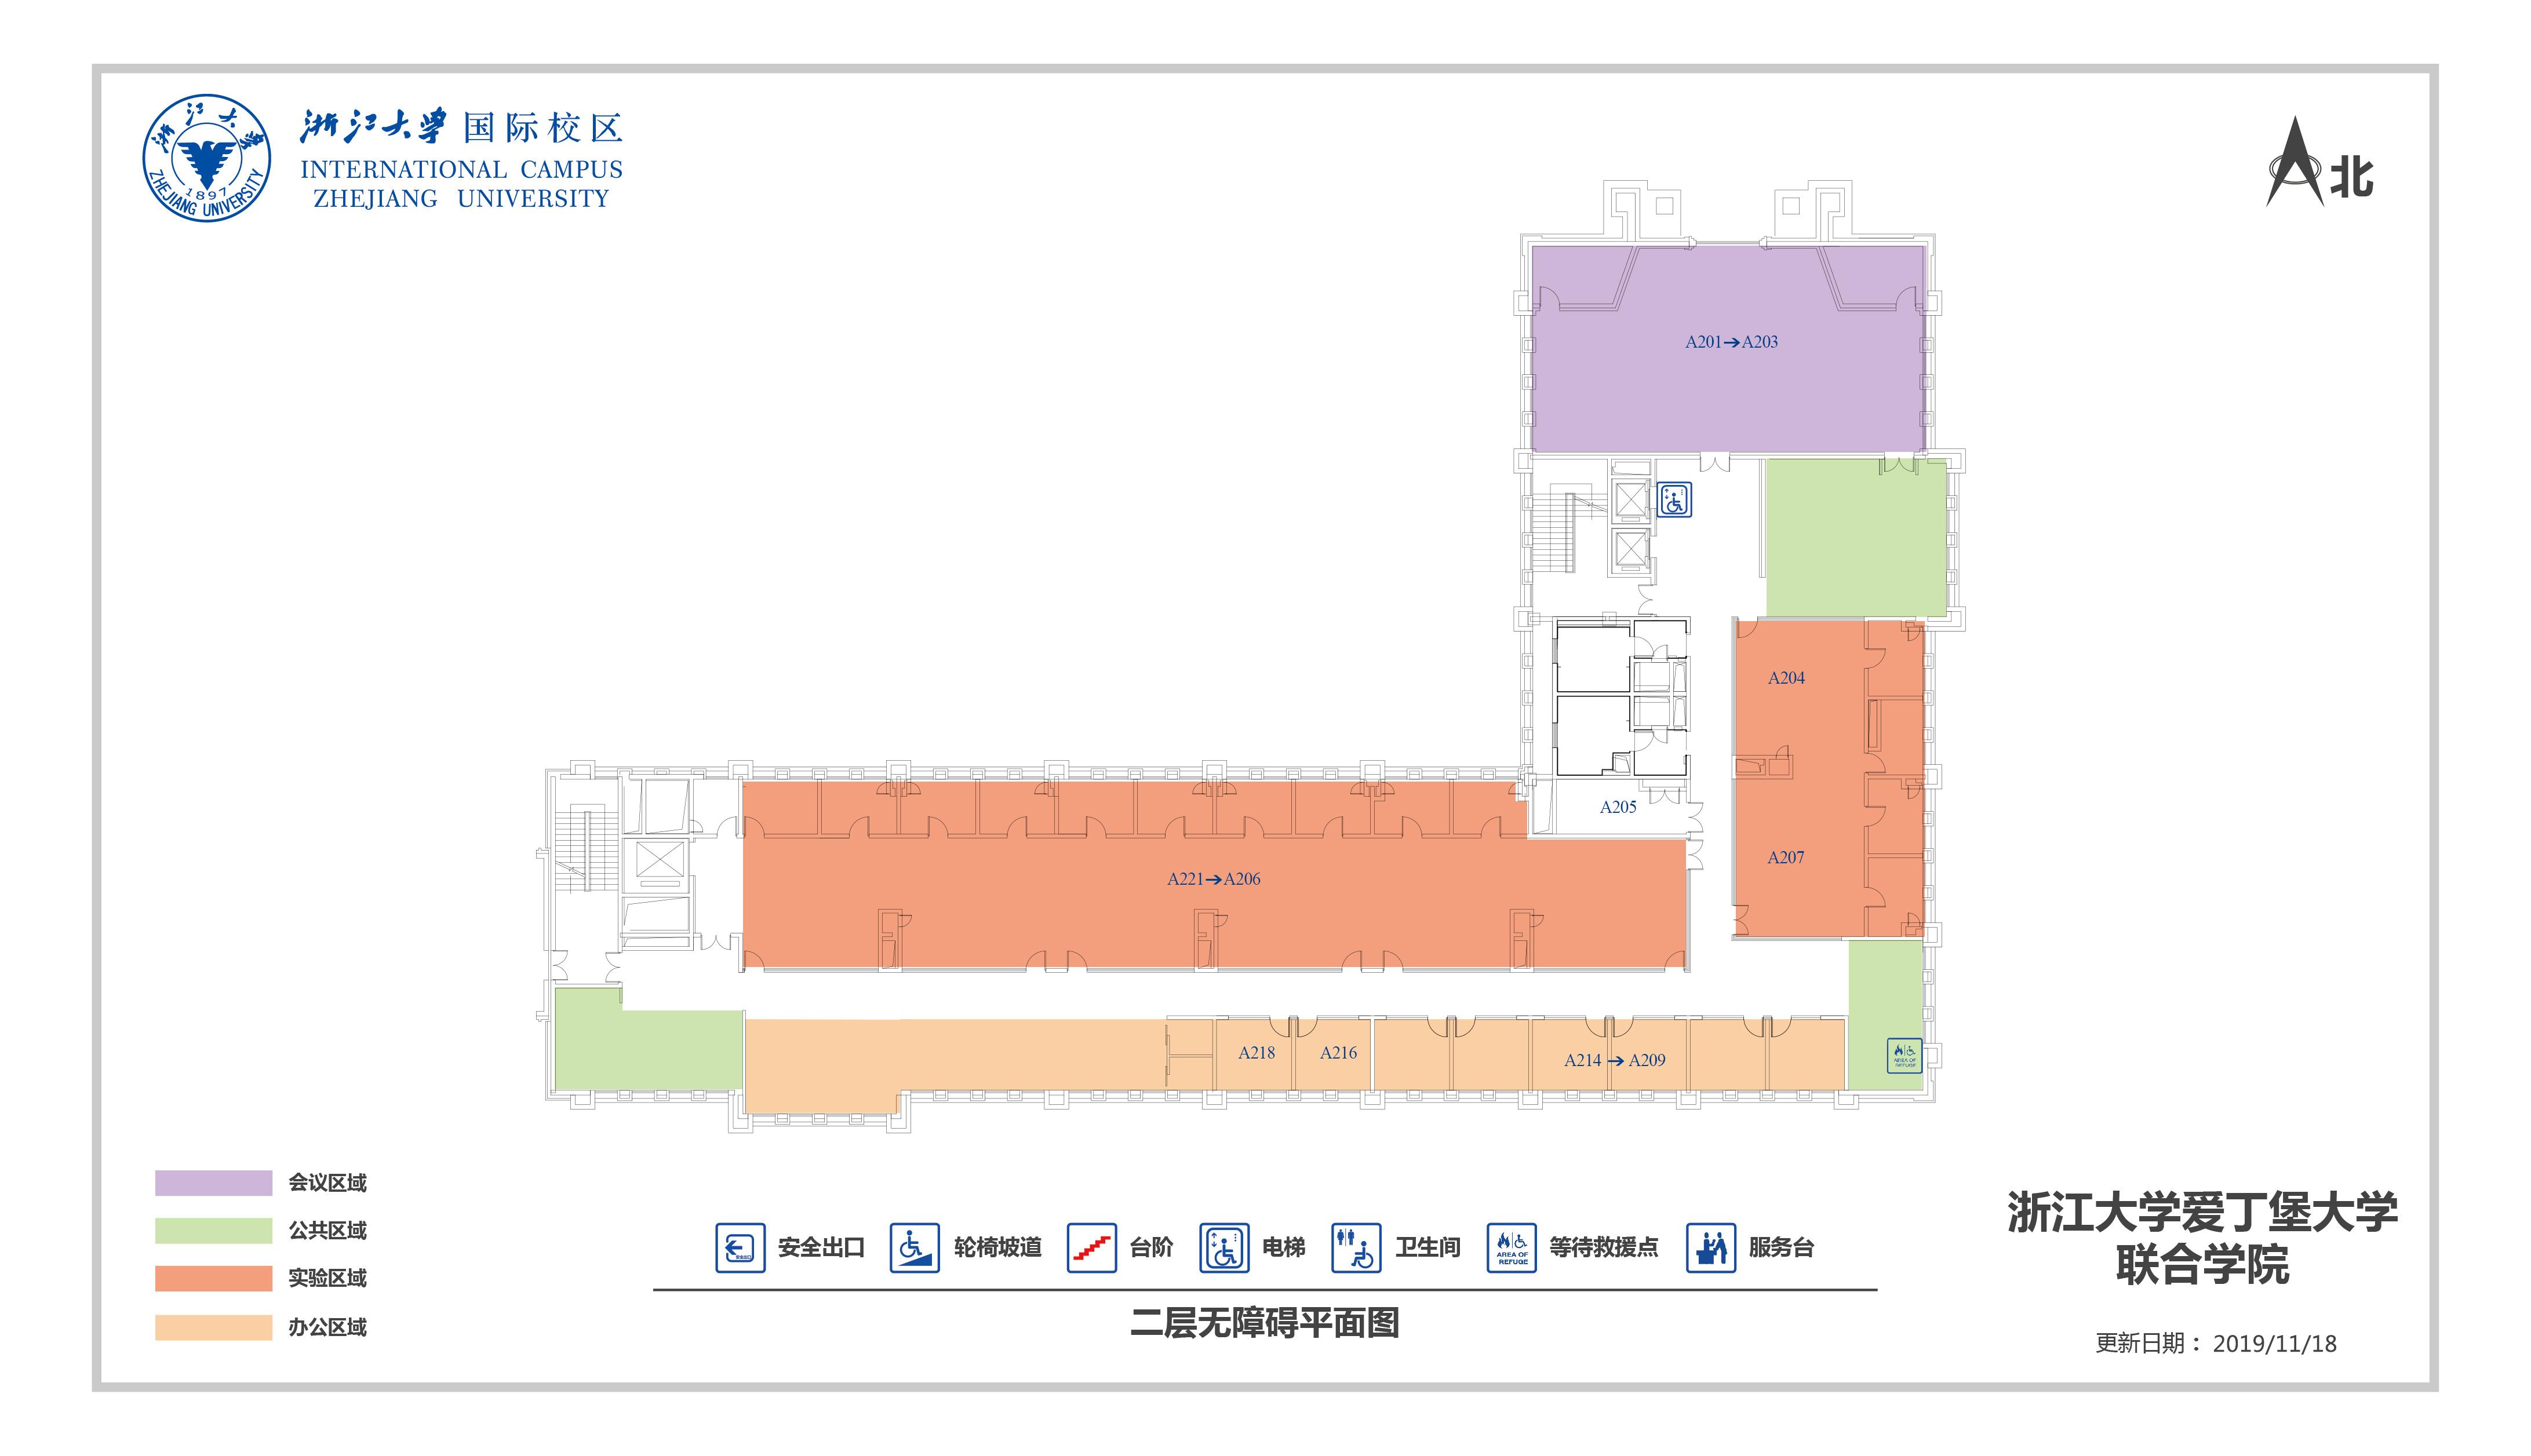 ZJE无障碍设施二层平面图.jpg